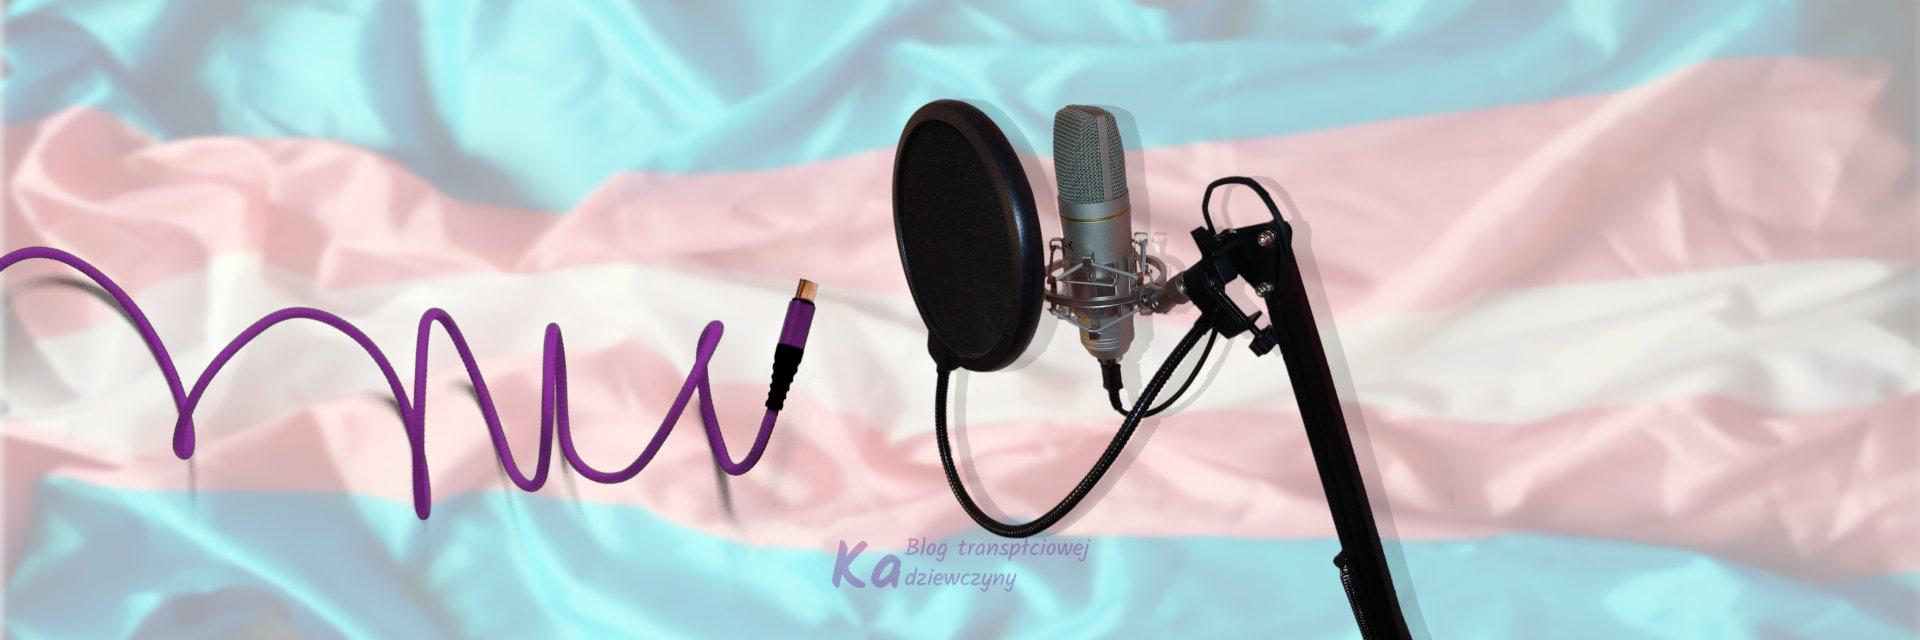 Zbiórka na utrzymanie, 2020, mikrofon na ramieniu i kabel